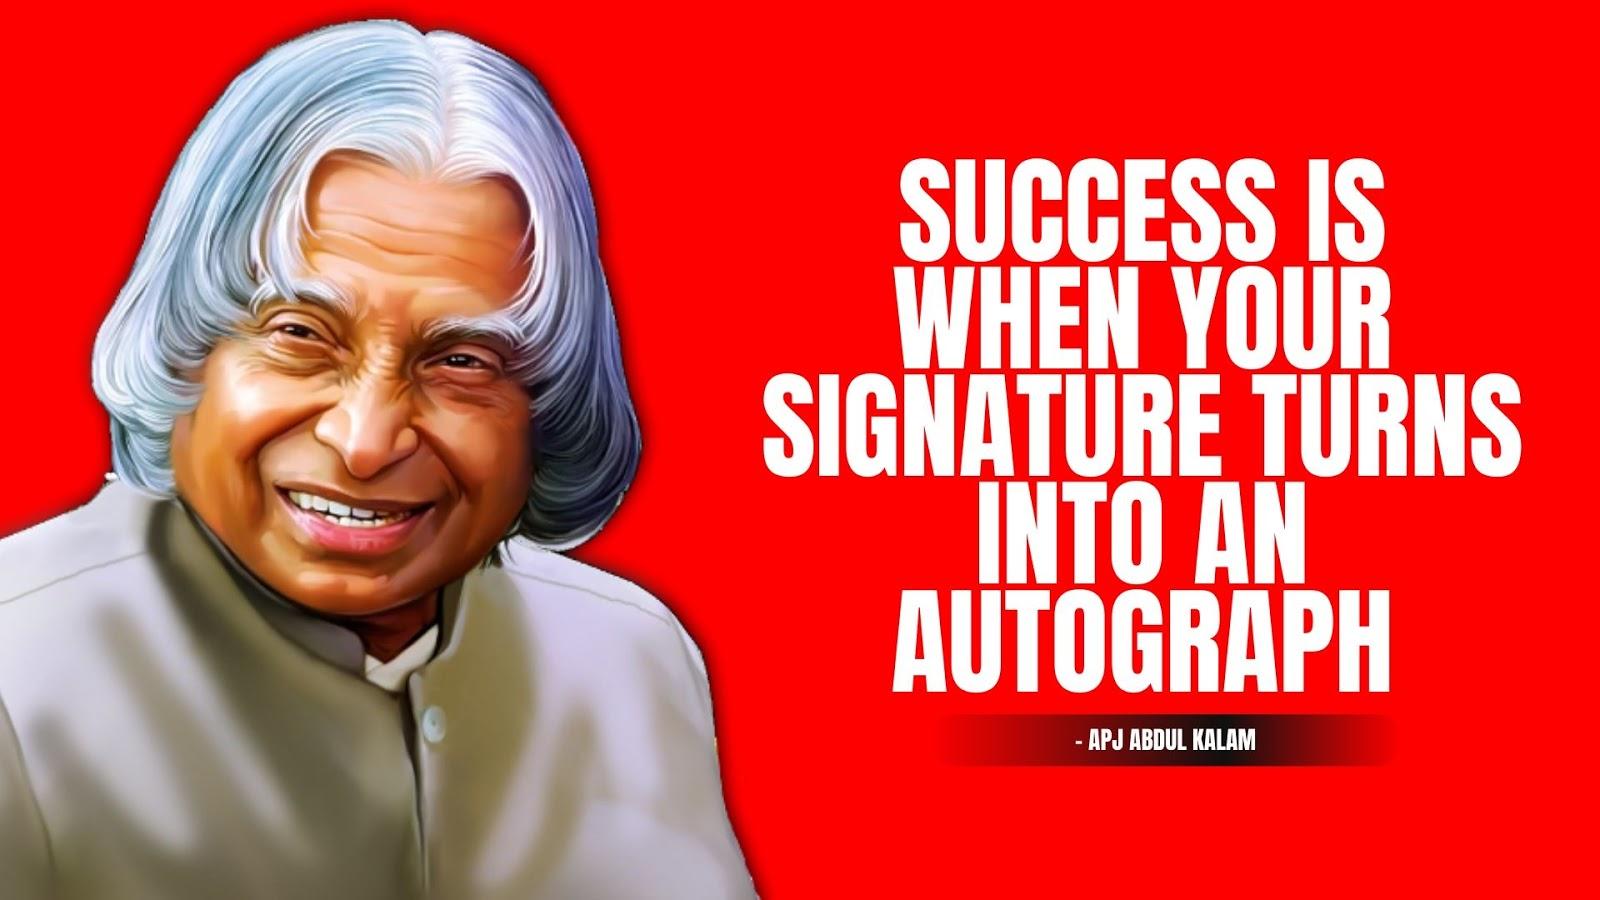 Apj Abdul Kalam Quotes about Signature